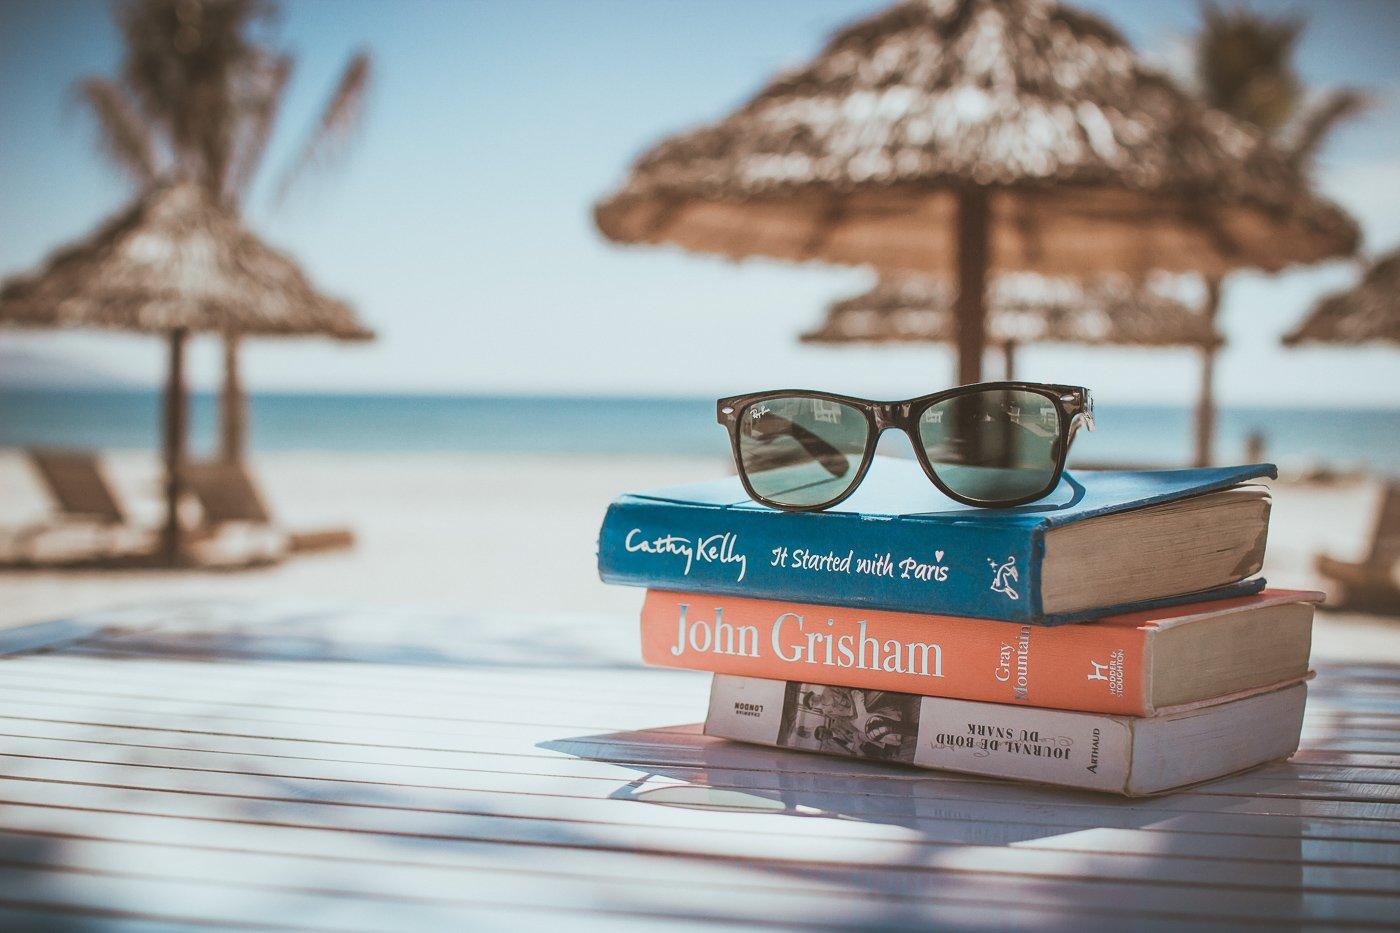 Dit zijn de beste en leukste reisboeken